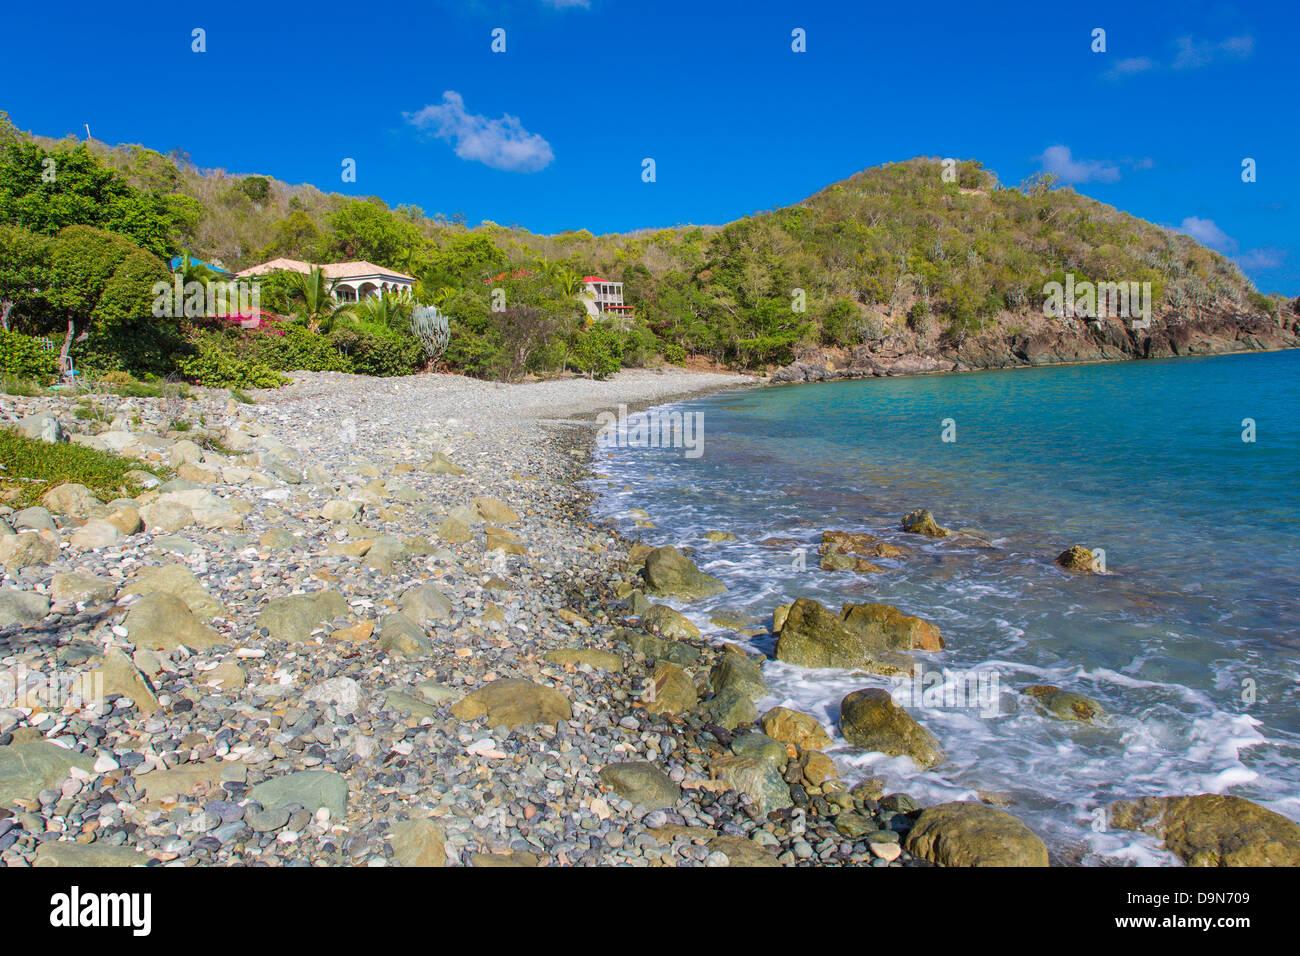 Klein-Bay Teil des Rendezvous Bay auf der Karibik Insel St. John in den US Virgin Islands Stockbild